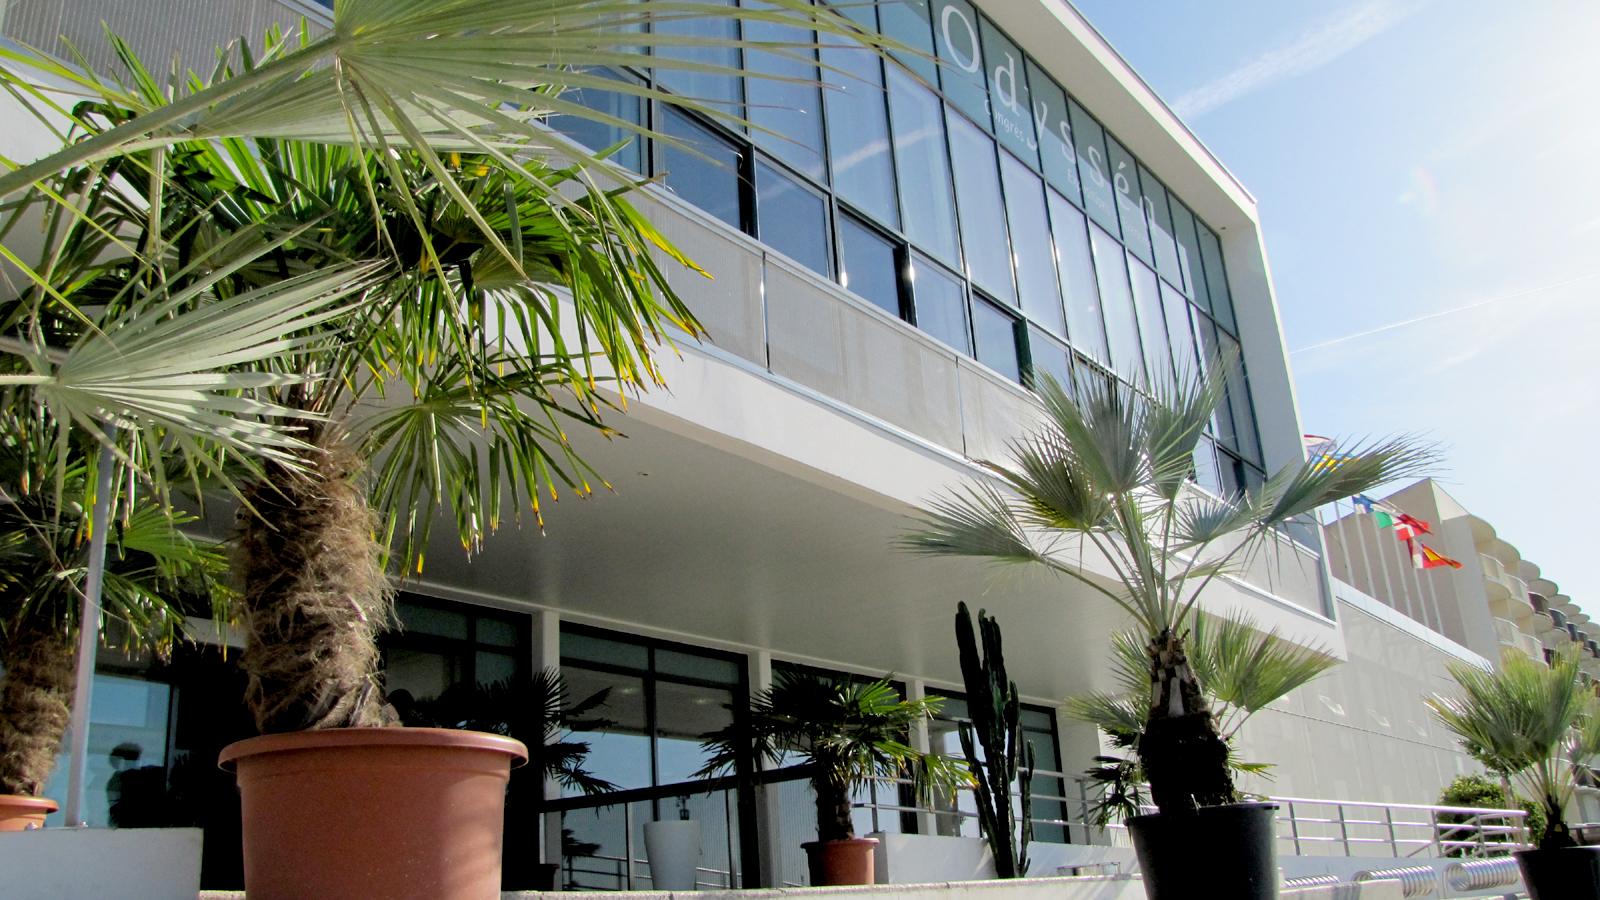 T-pratique-Office-de-tourisme-vendee -saintjeandemonts